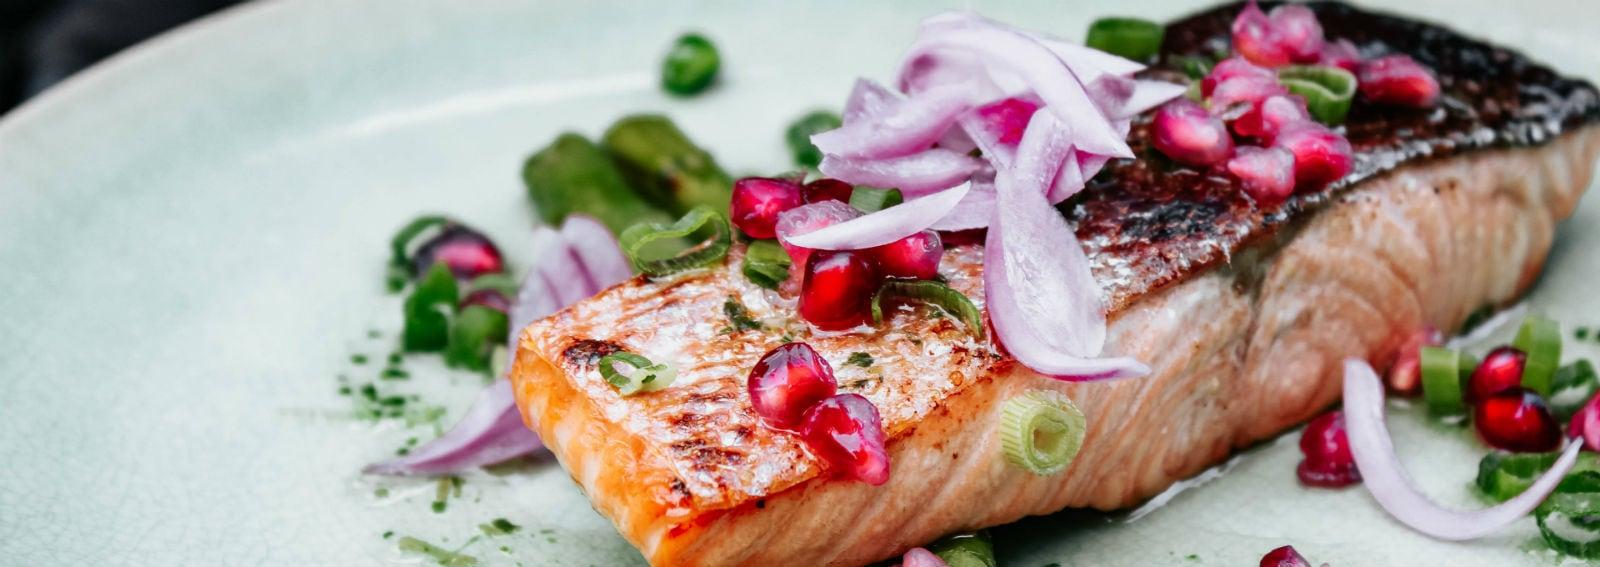 salmone melograno